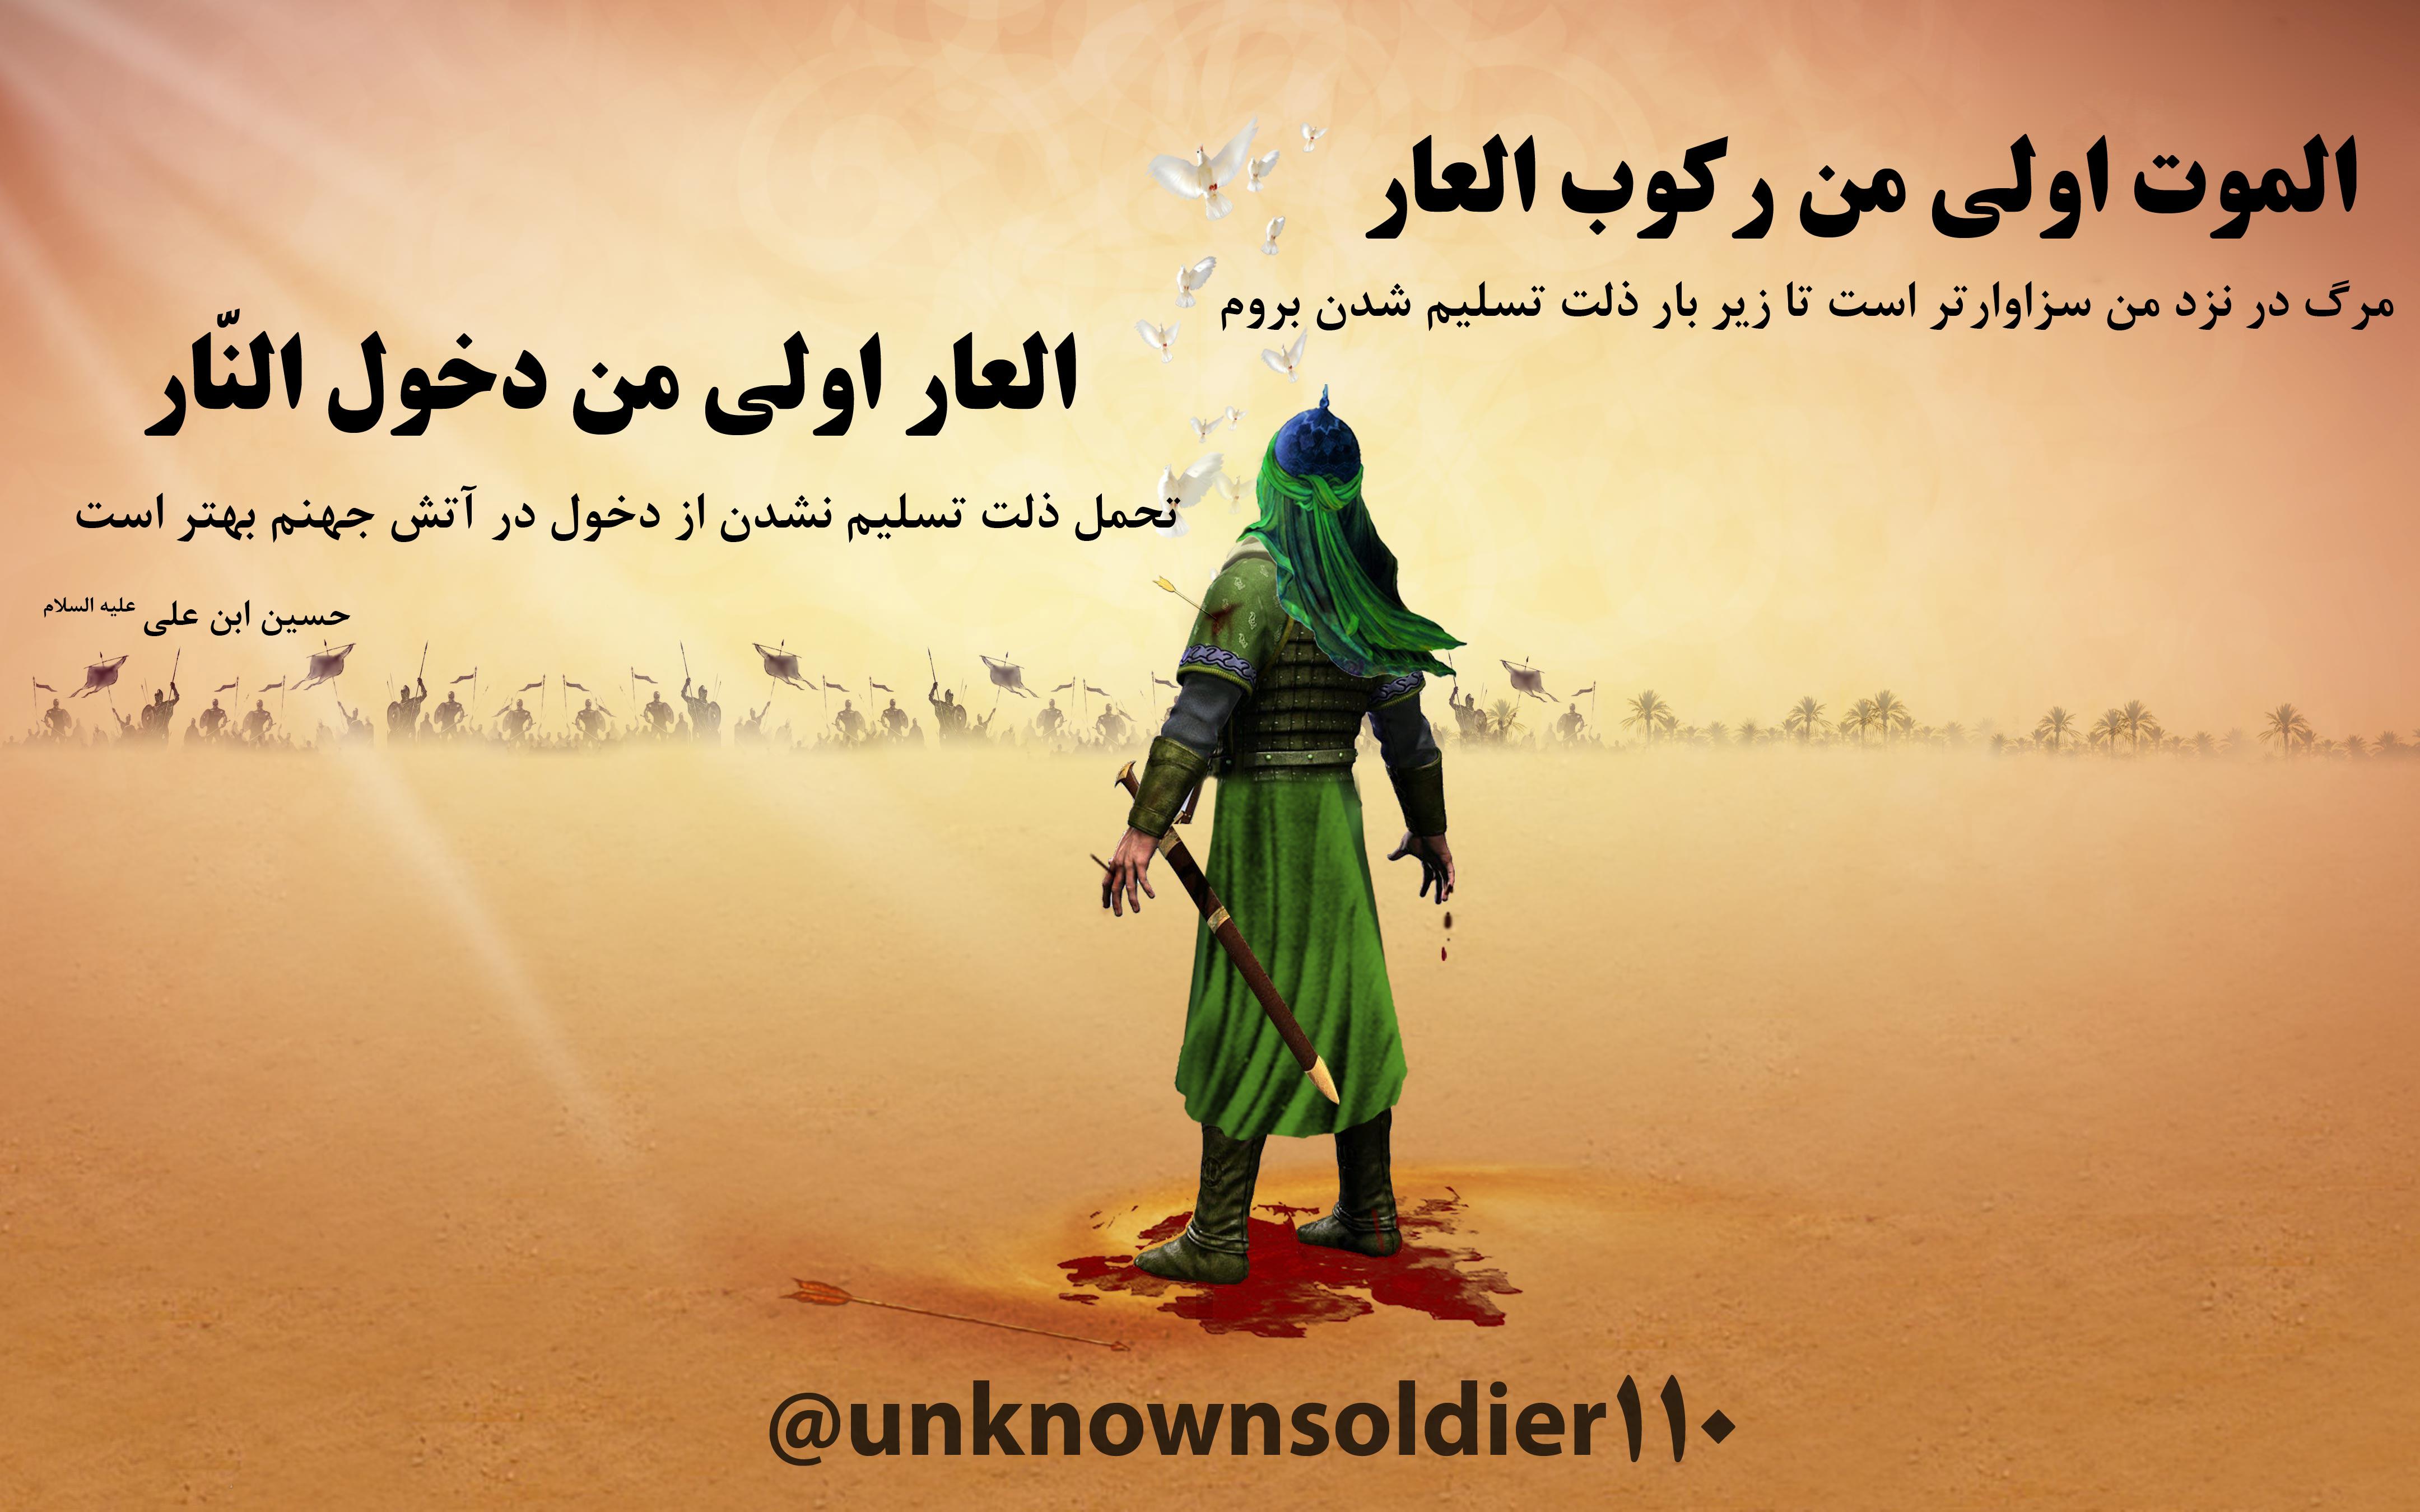 http://sinous.persiangig.com/image/mazhabi/imam%20hossein/www.khademalhossein.com%20(187).jpg